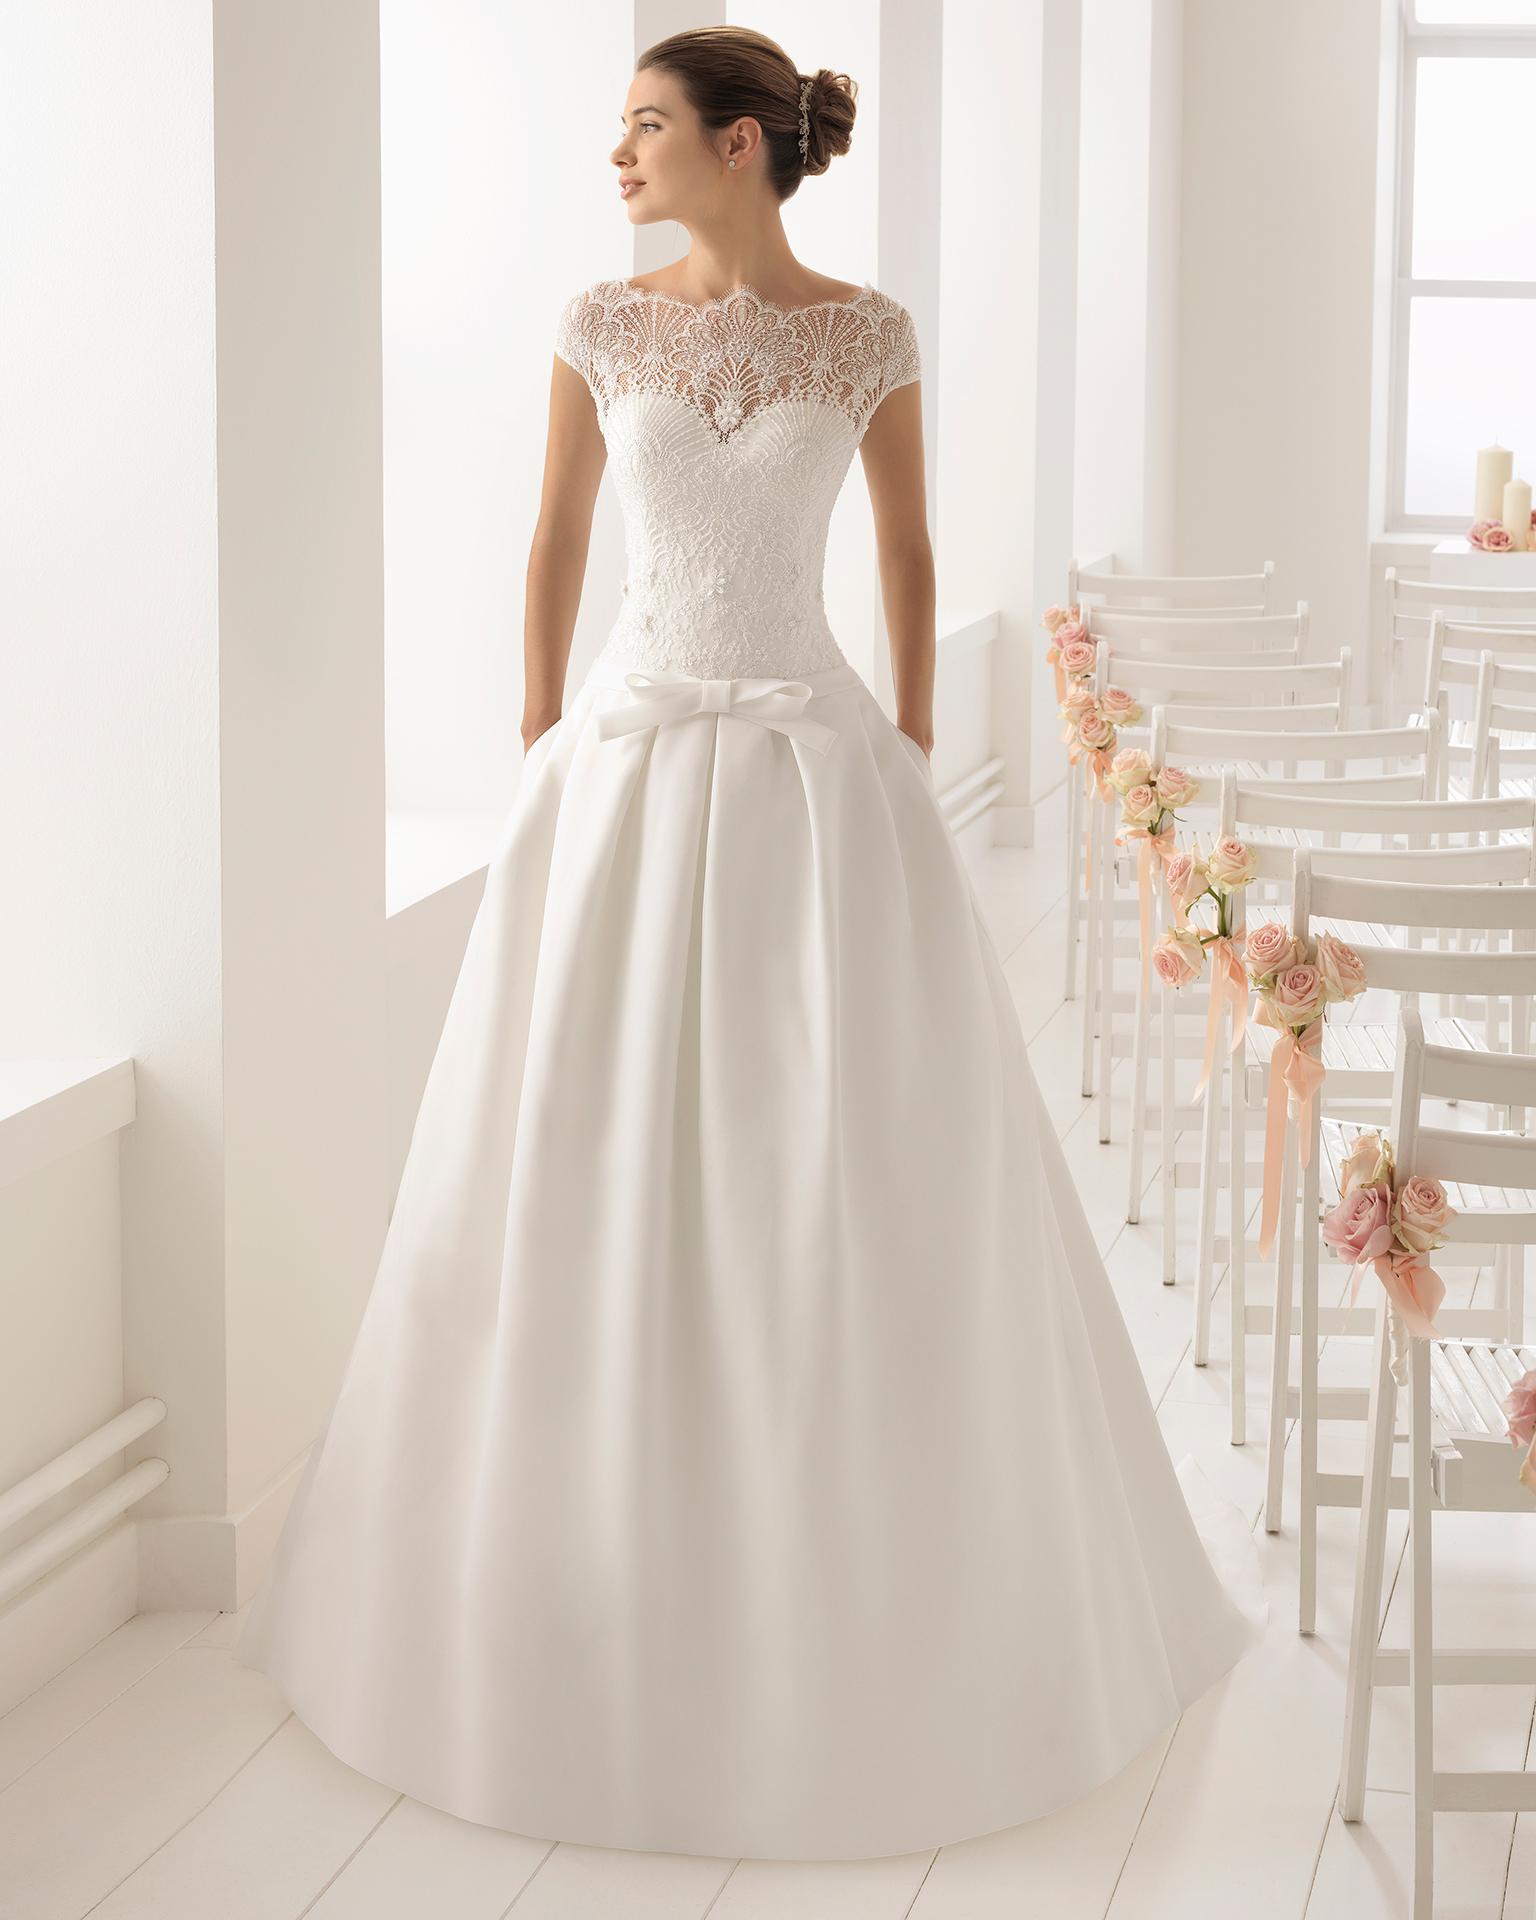 Robe de mariée style romantique en organdi, dentelle et pierreries, avec col illusion et nœud à la taille.